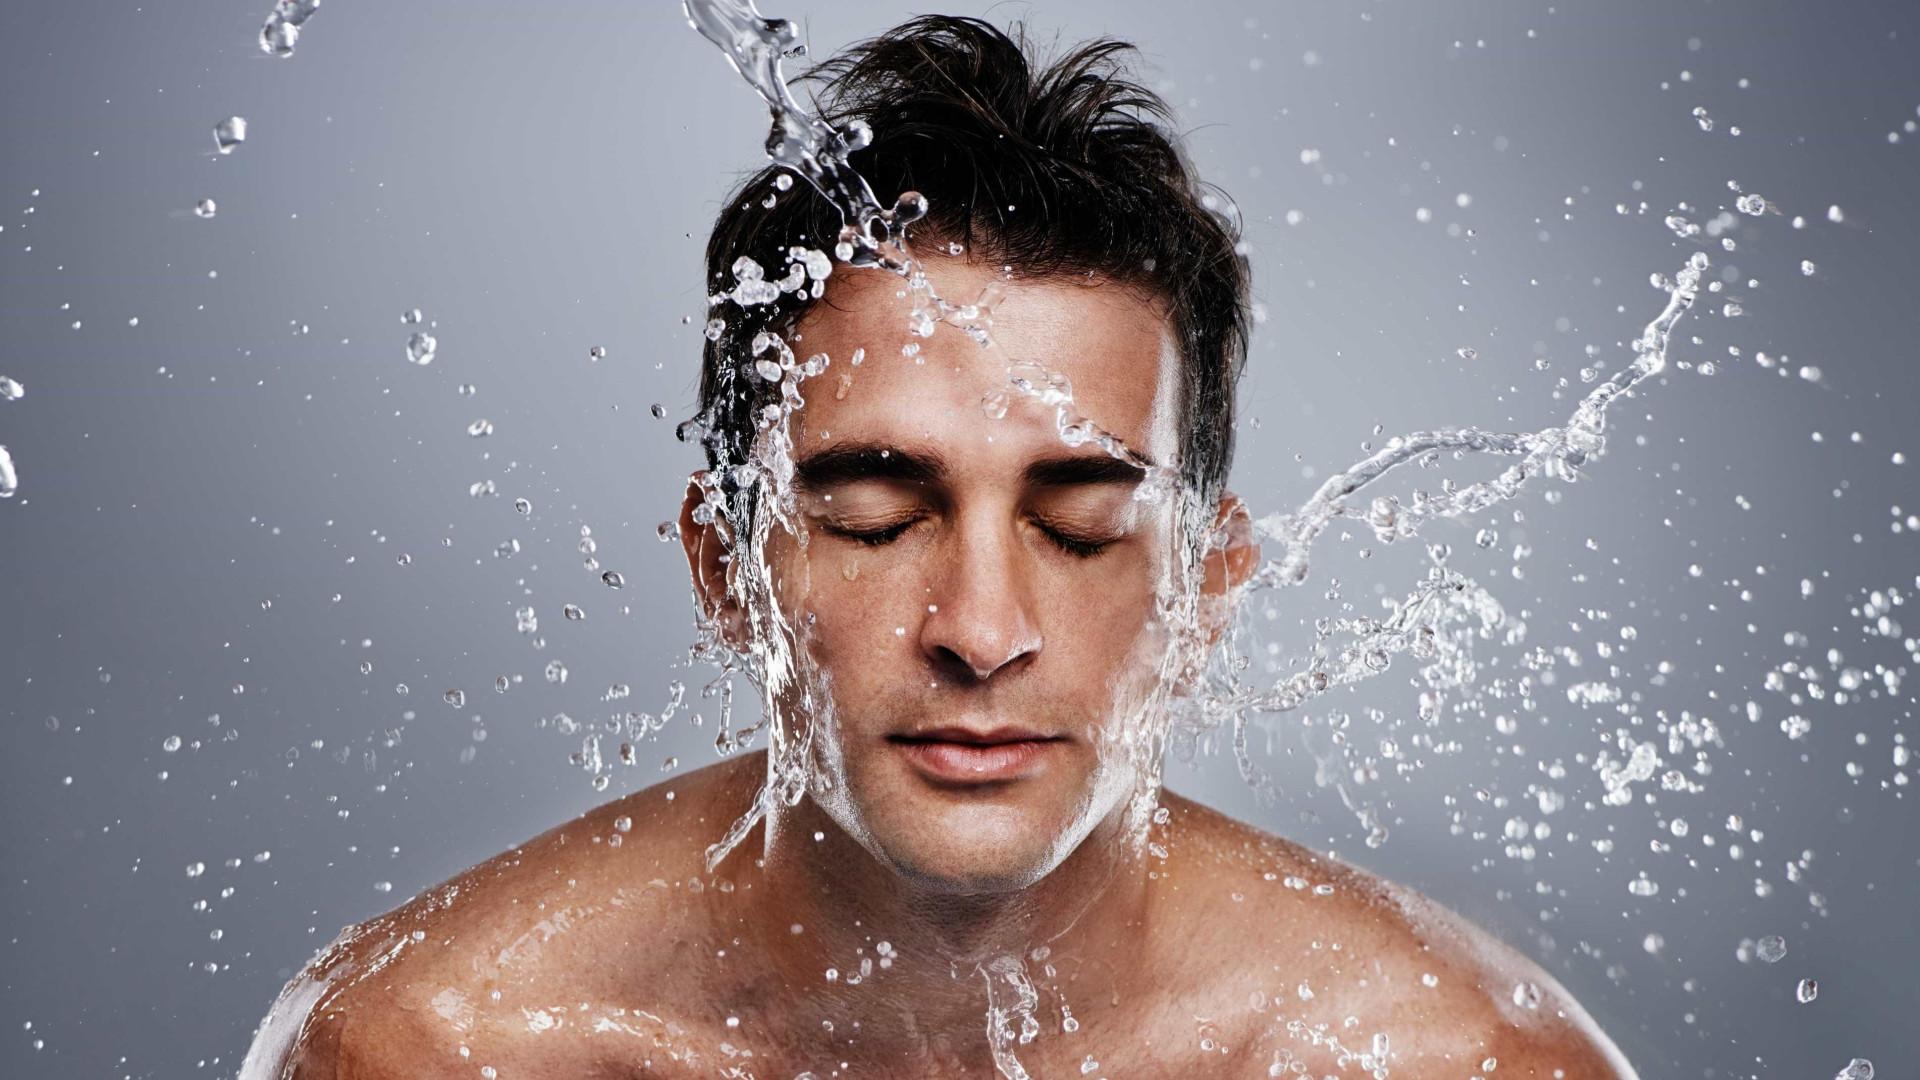 Guia de seis passos para cuidar da pele durante o verão